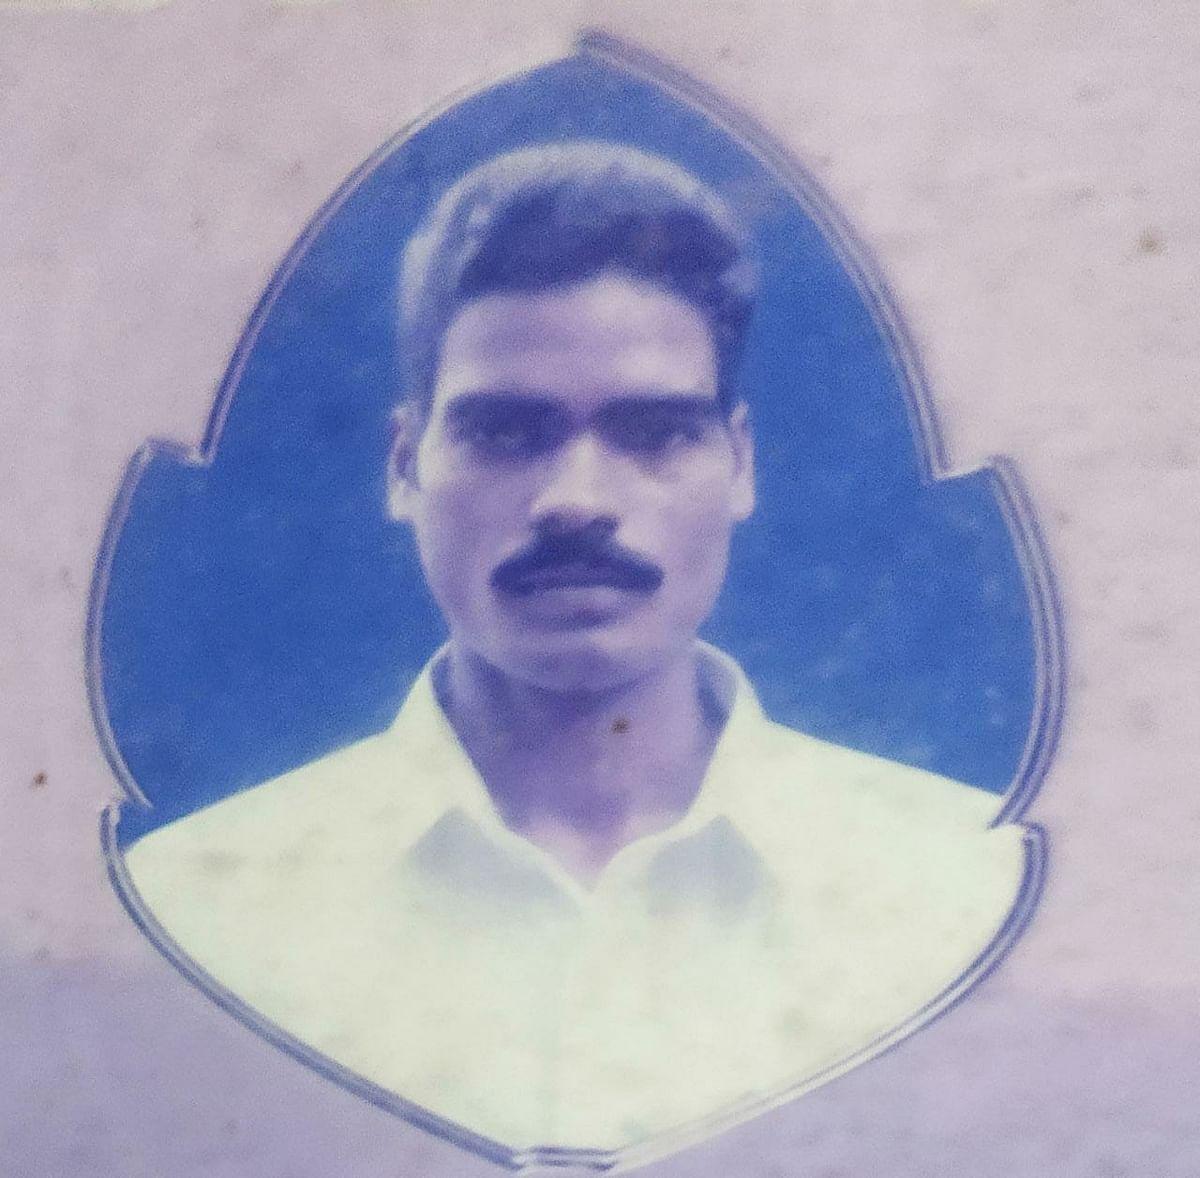 தற்கொலை செய்துகொண்ட ராஜசேகர்